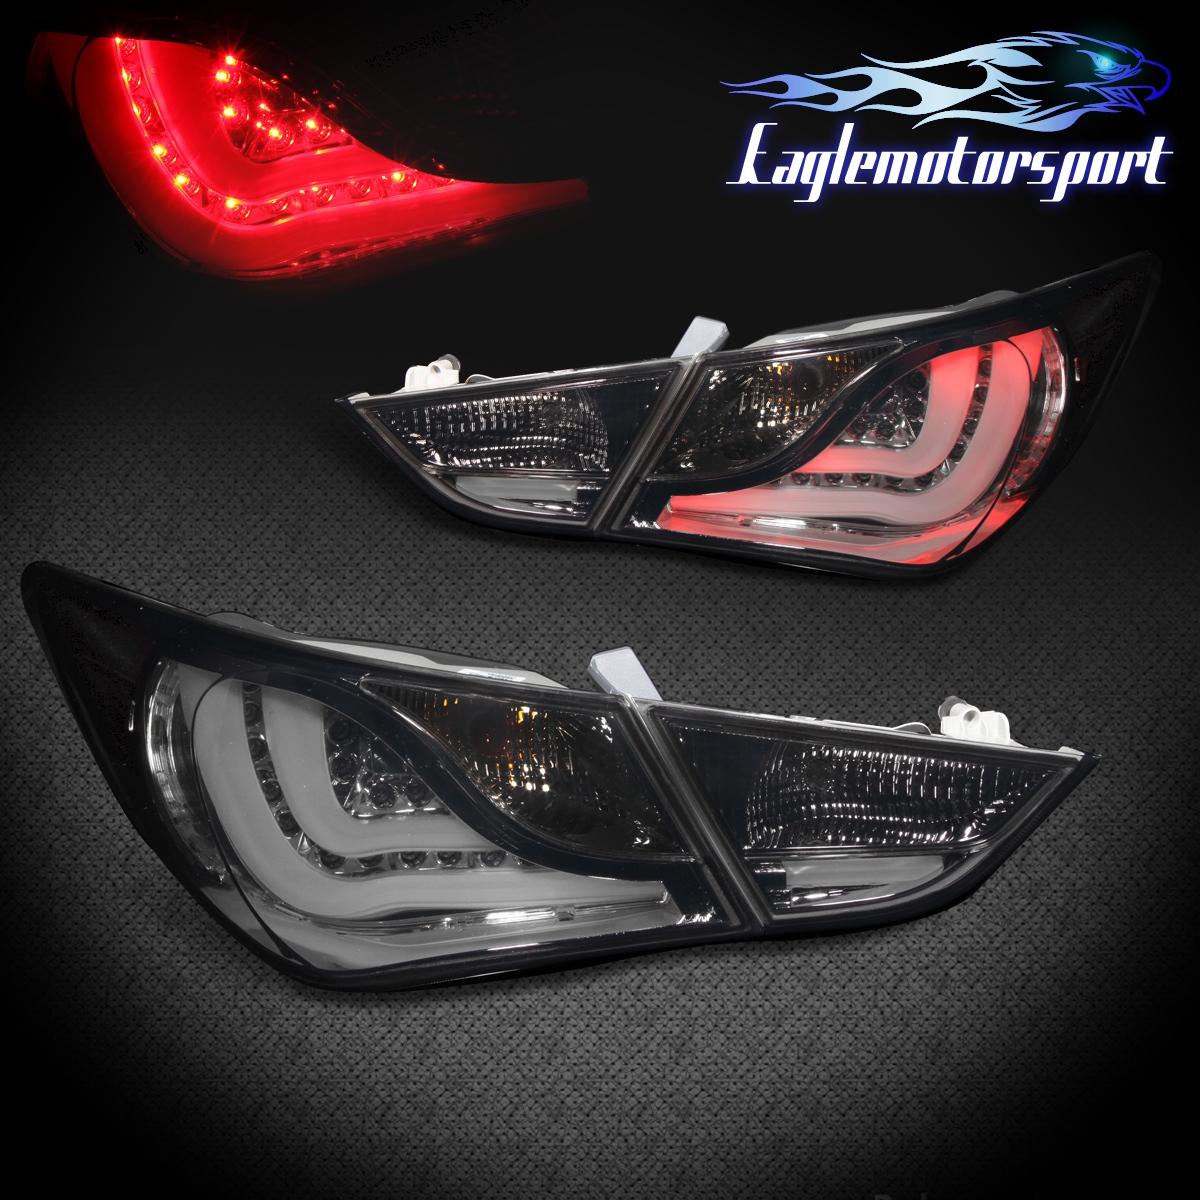 2015 Hyundai Sonata Hybrid >> For 2011 2012 2013 Hyundai Sonata Smoked LED Tail Lights Rear Brake Lamps Pair | eBay